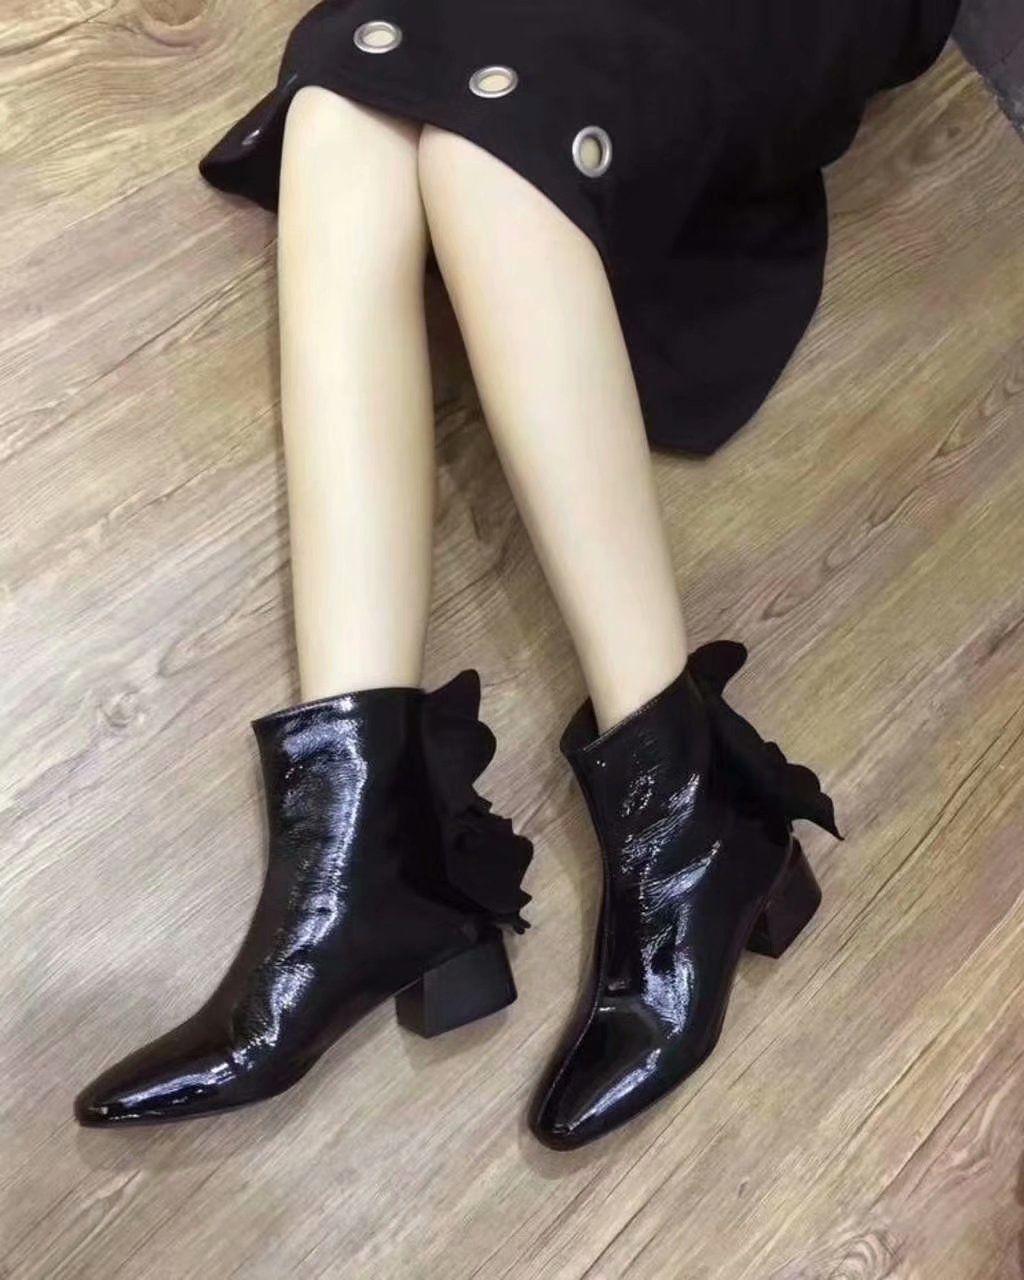 2bd7a017c3 Compre Botas De Couro De Patente Wrink Feminino Low Heel Designer Moda Zip  Boots Com Caixa De Fashion_hot_shoe, $155.01 | Pt.Dhgate.Com